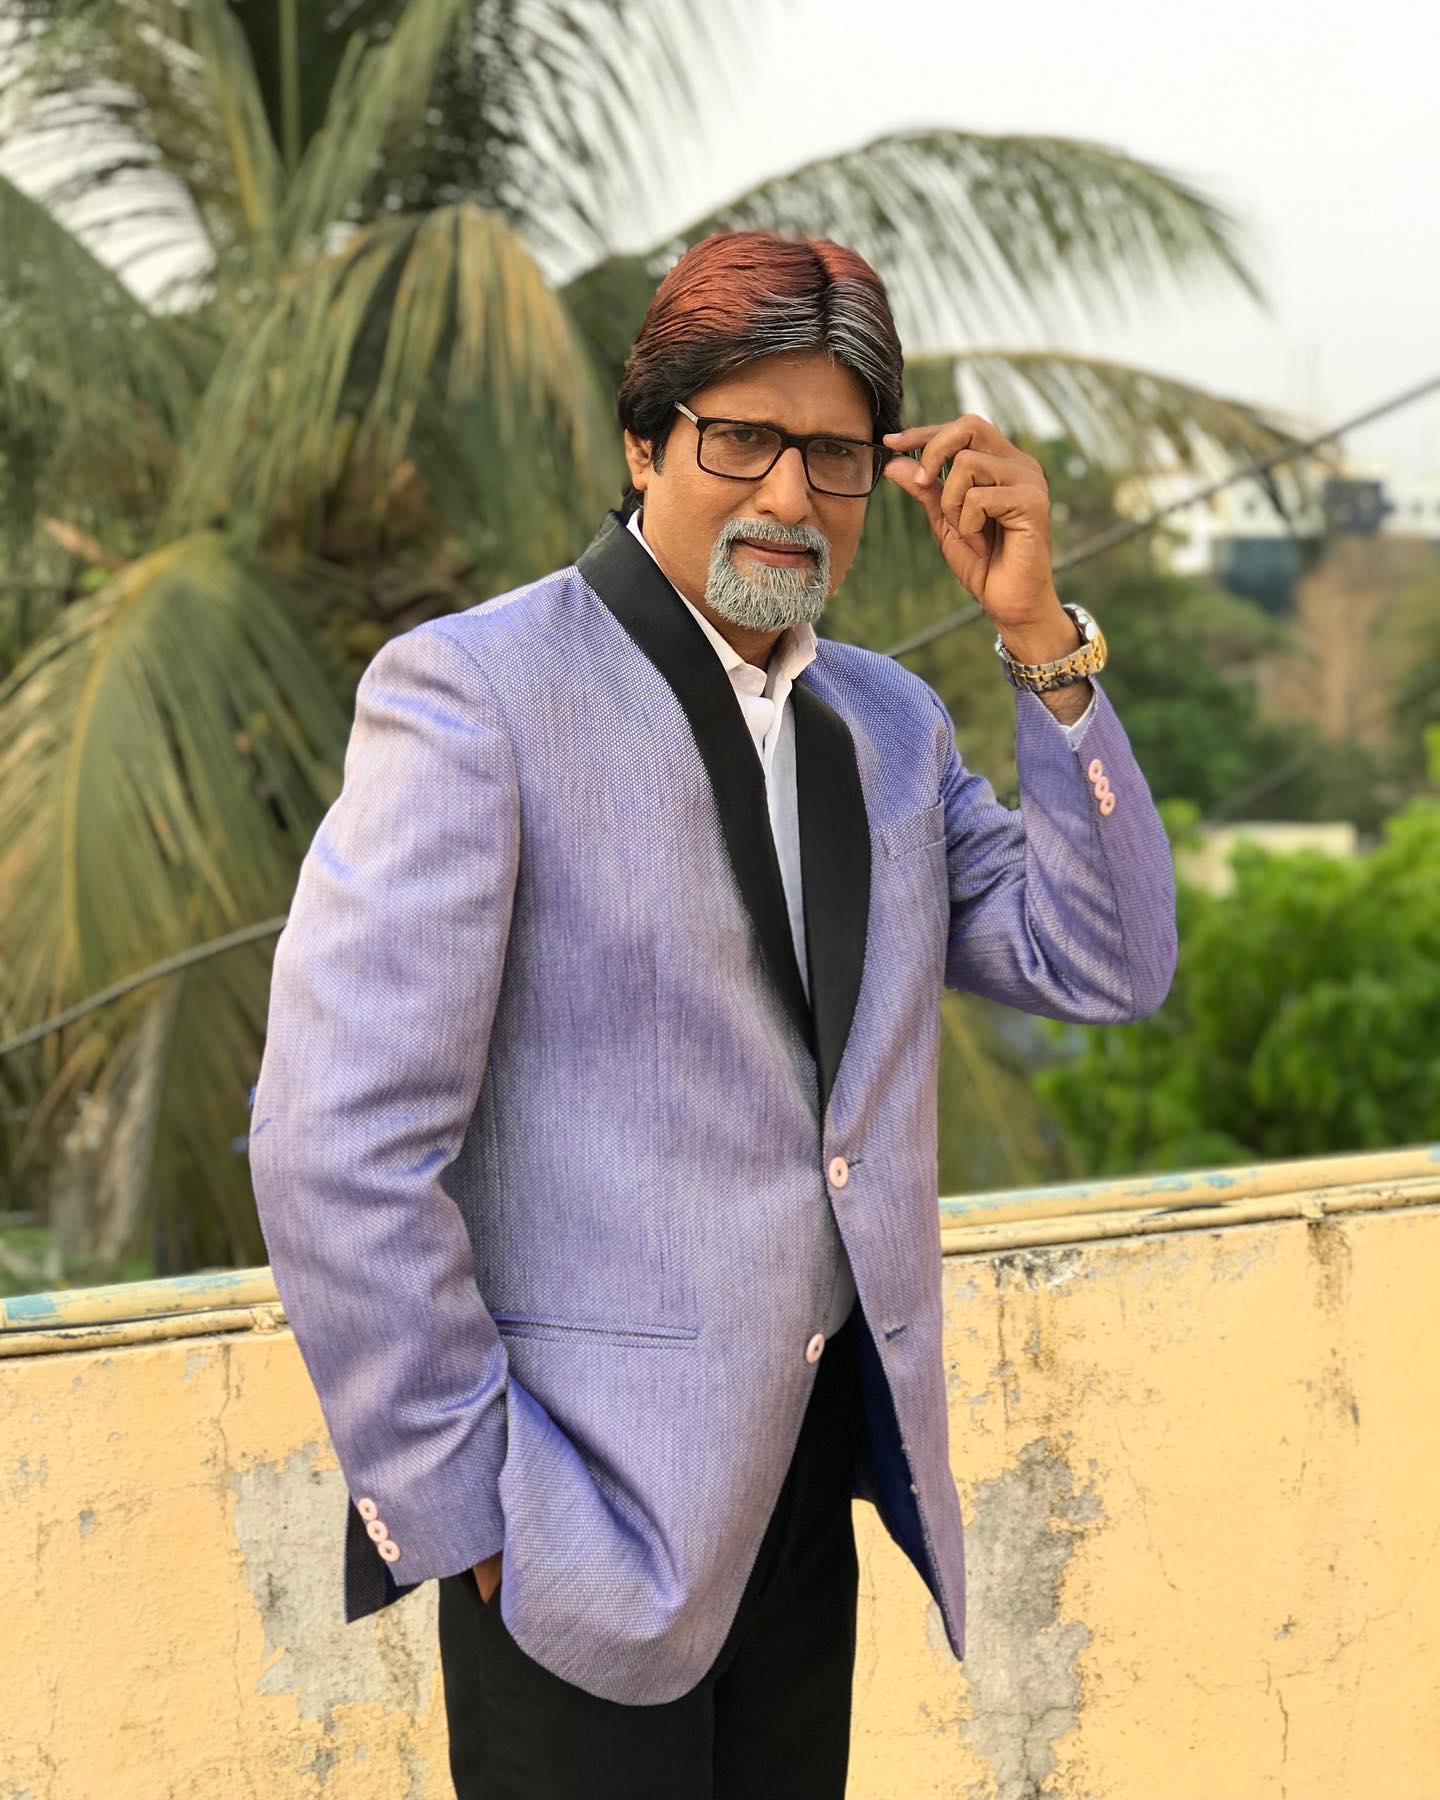 No.1 Viral Duplicate of Amitabh Bachchan - Shashikant Pedwal Real Face, Photos, Contact No. Life Story, & more